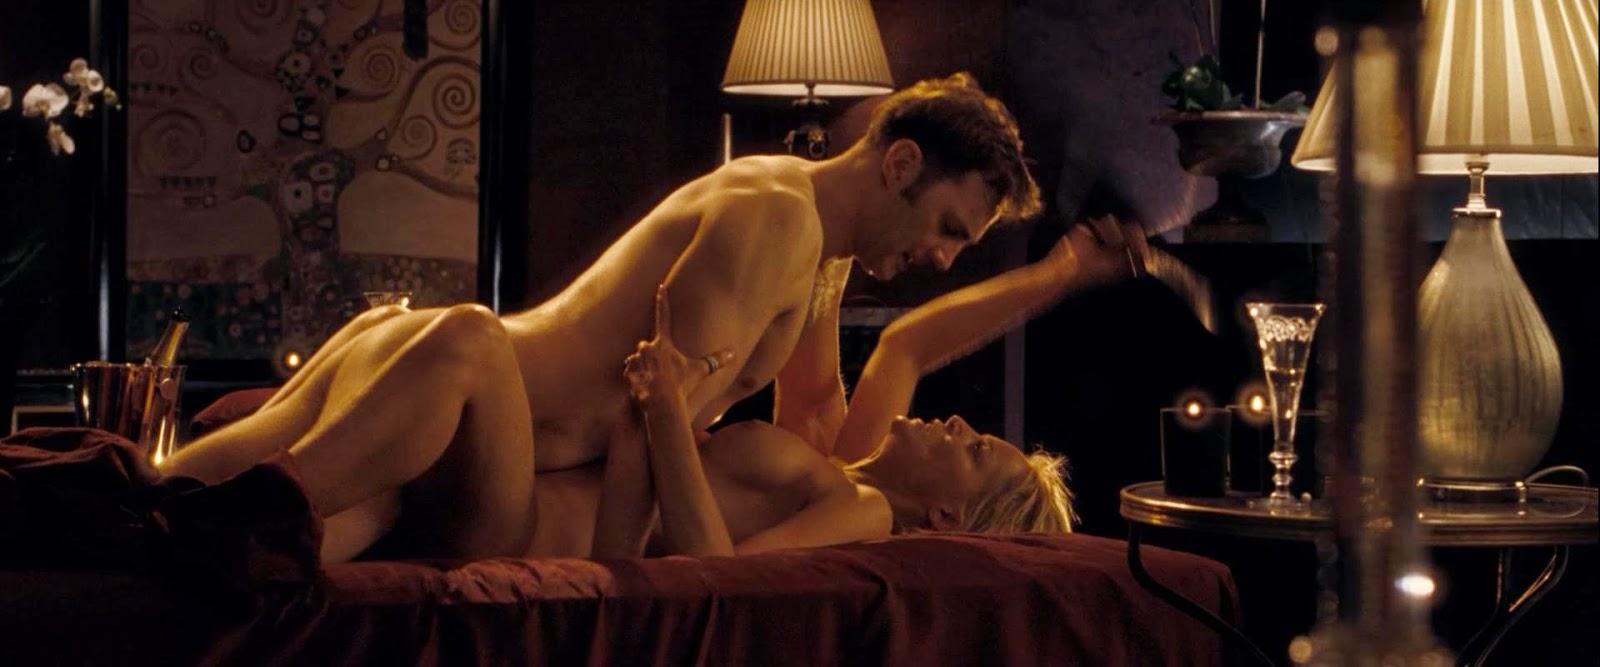 osnovnoy-instinkt-seks-stsena